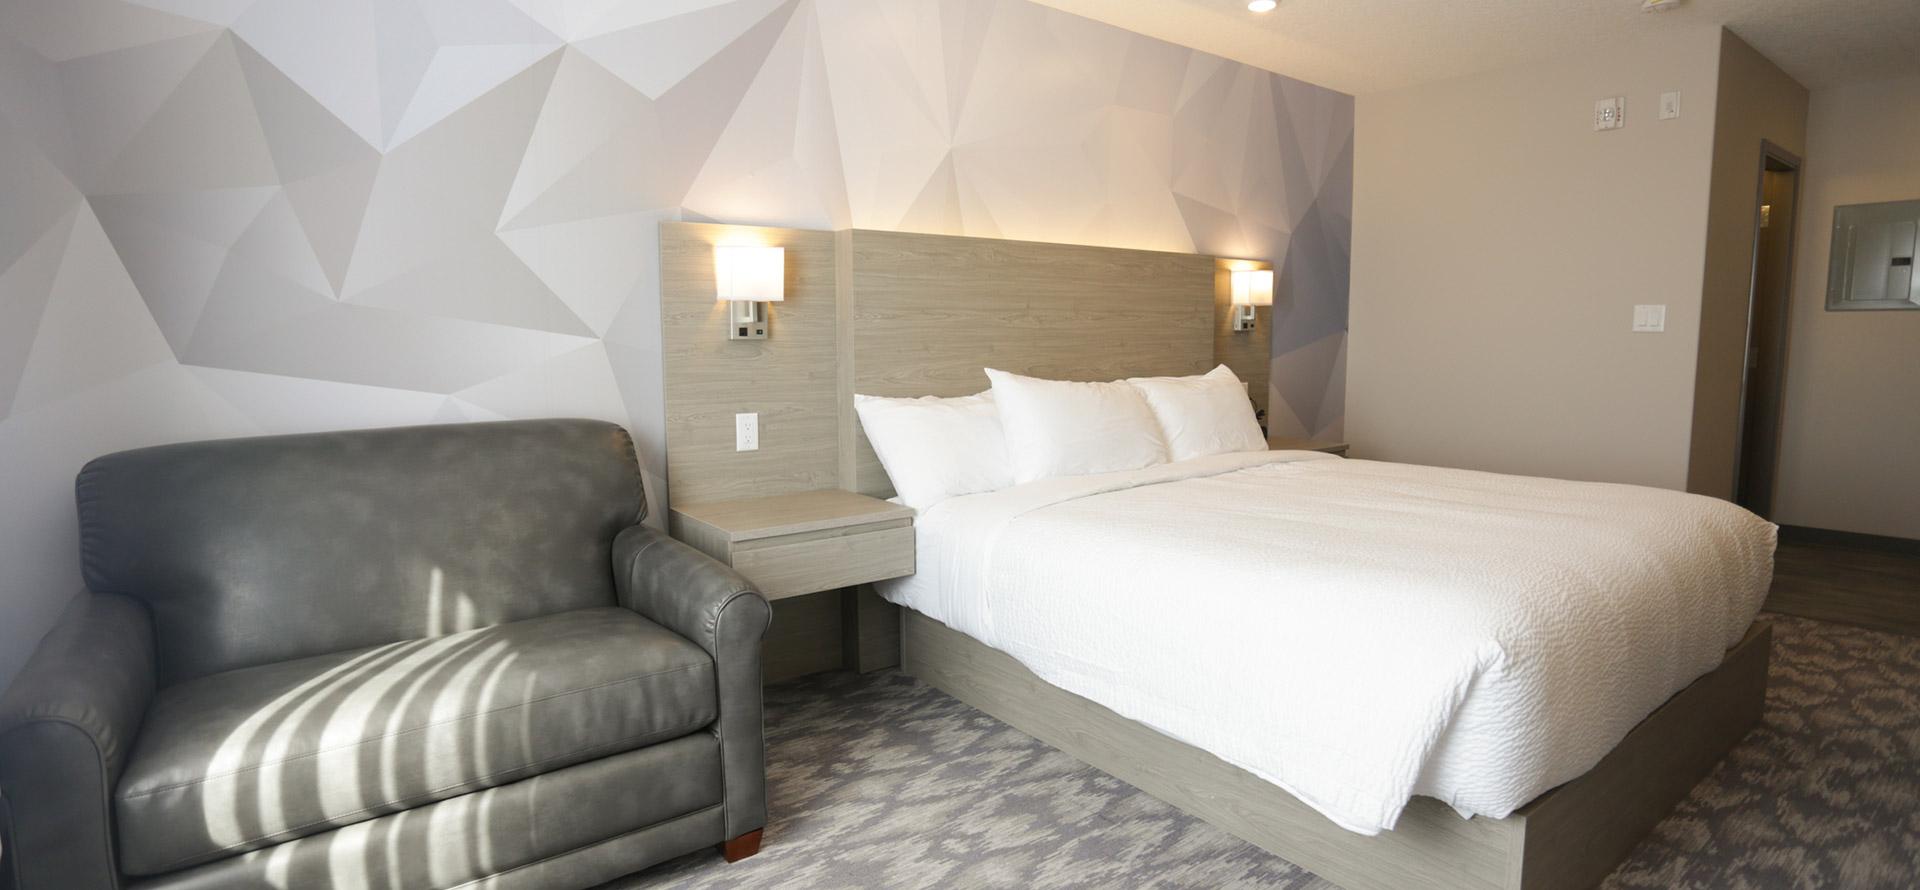 Blog – Hotel News & Updates | Days Inn Calgary North Balzac - AB